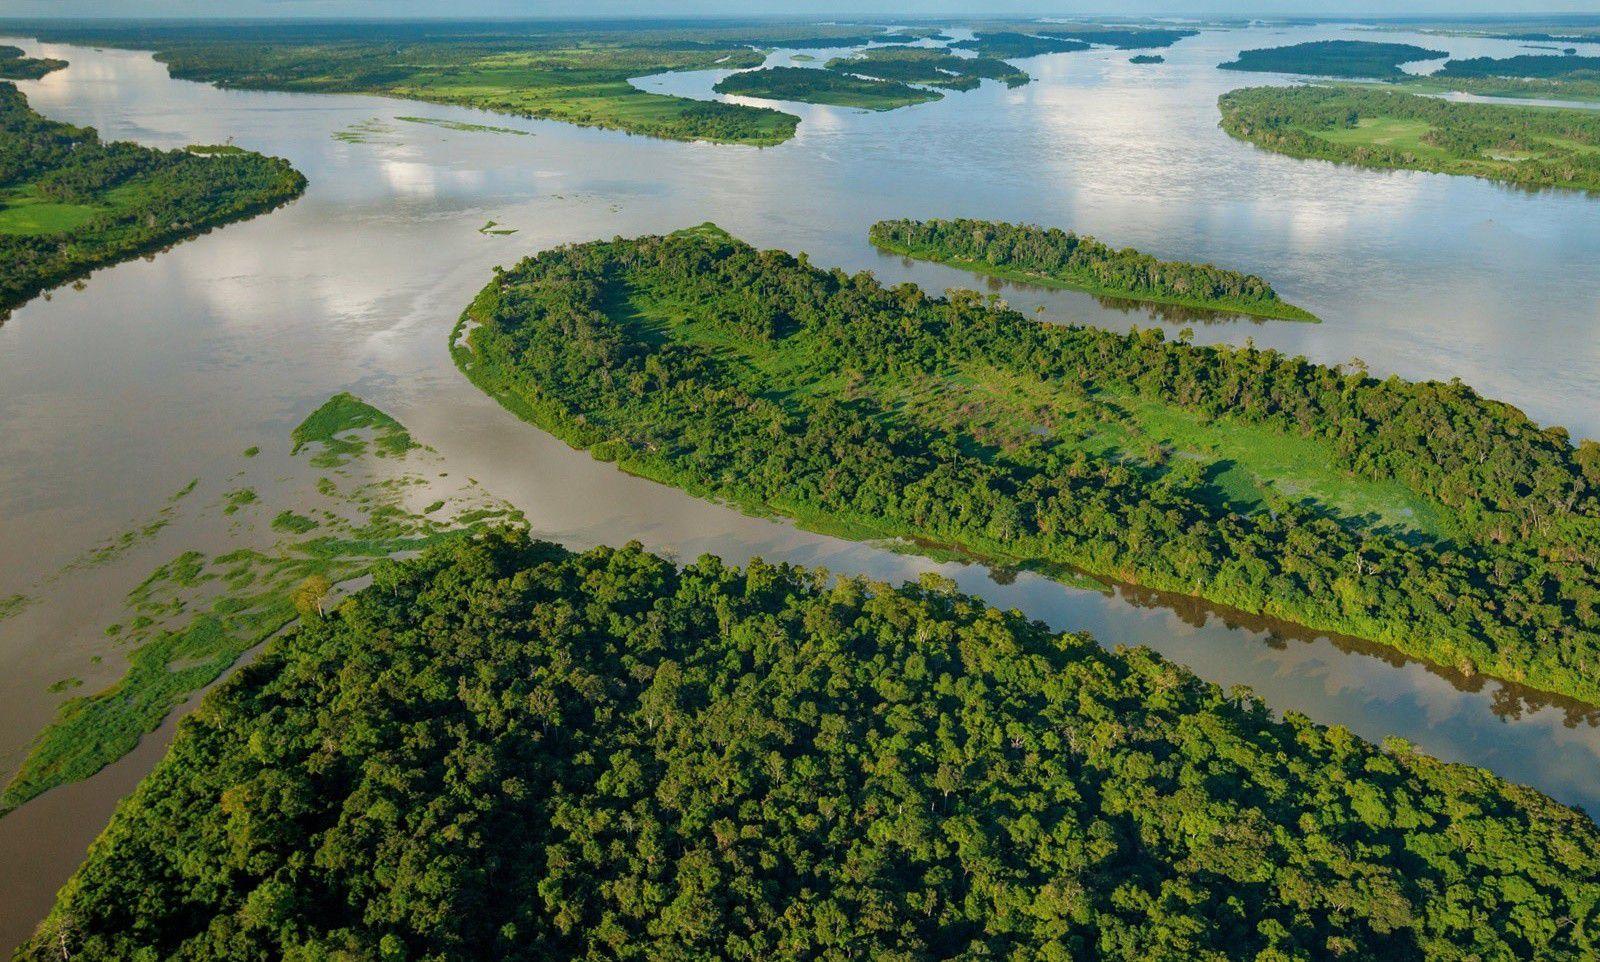 صورة اكبر نهر في العالم، من الأنهار المعروفة بكبرها